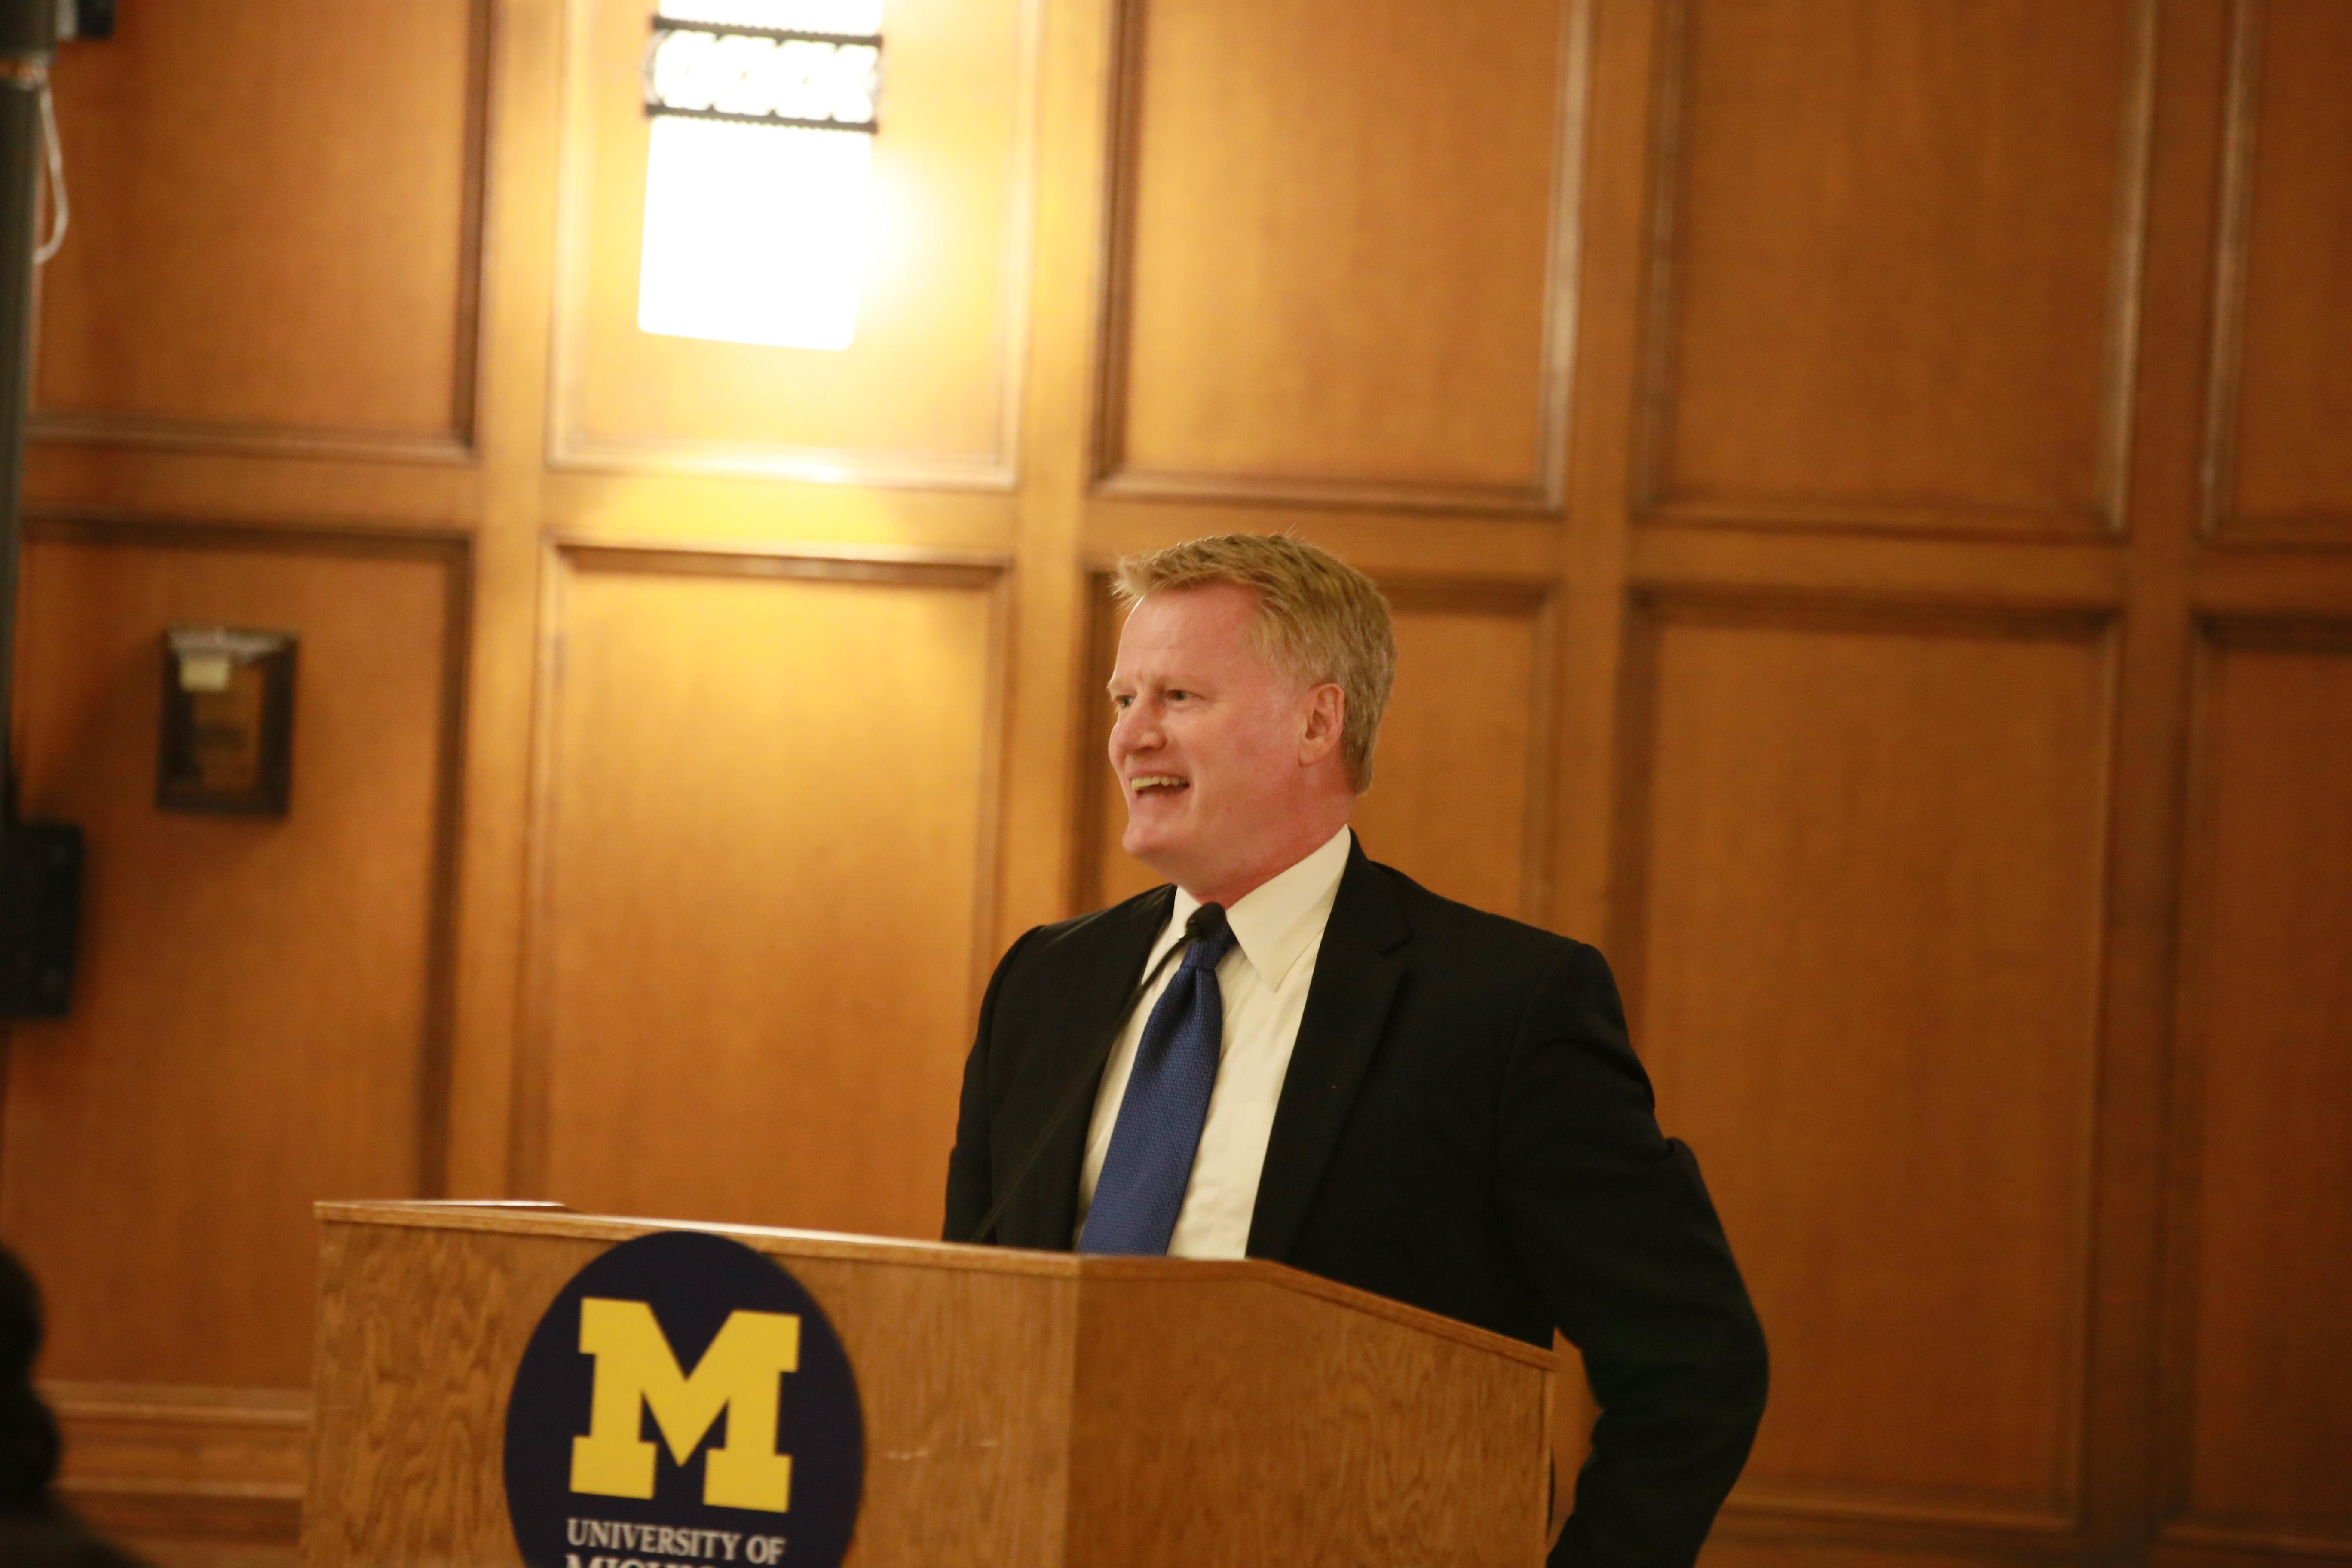 John U. Bacon, emcee & board member